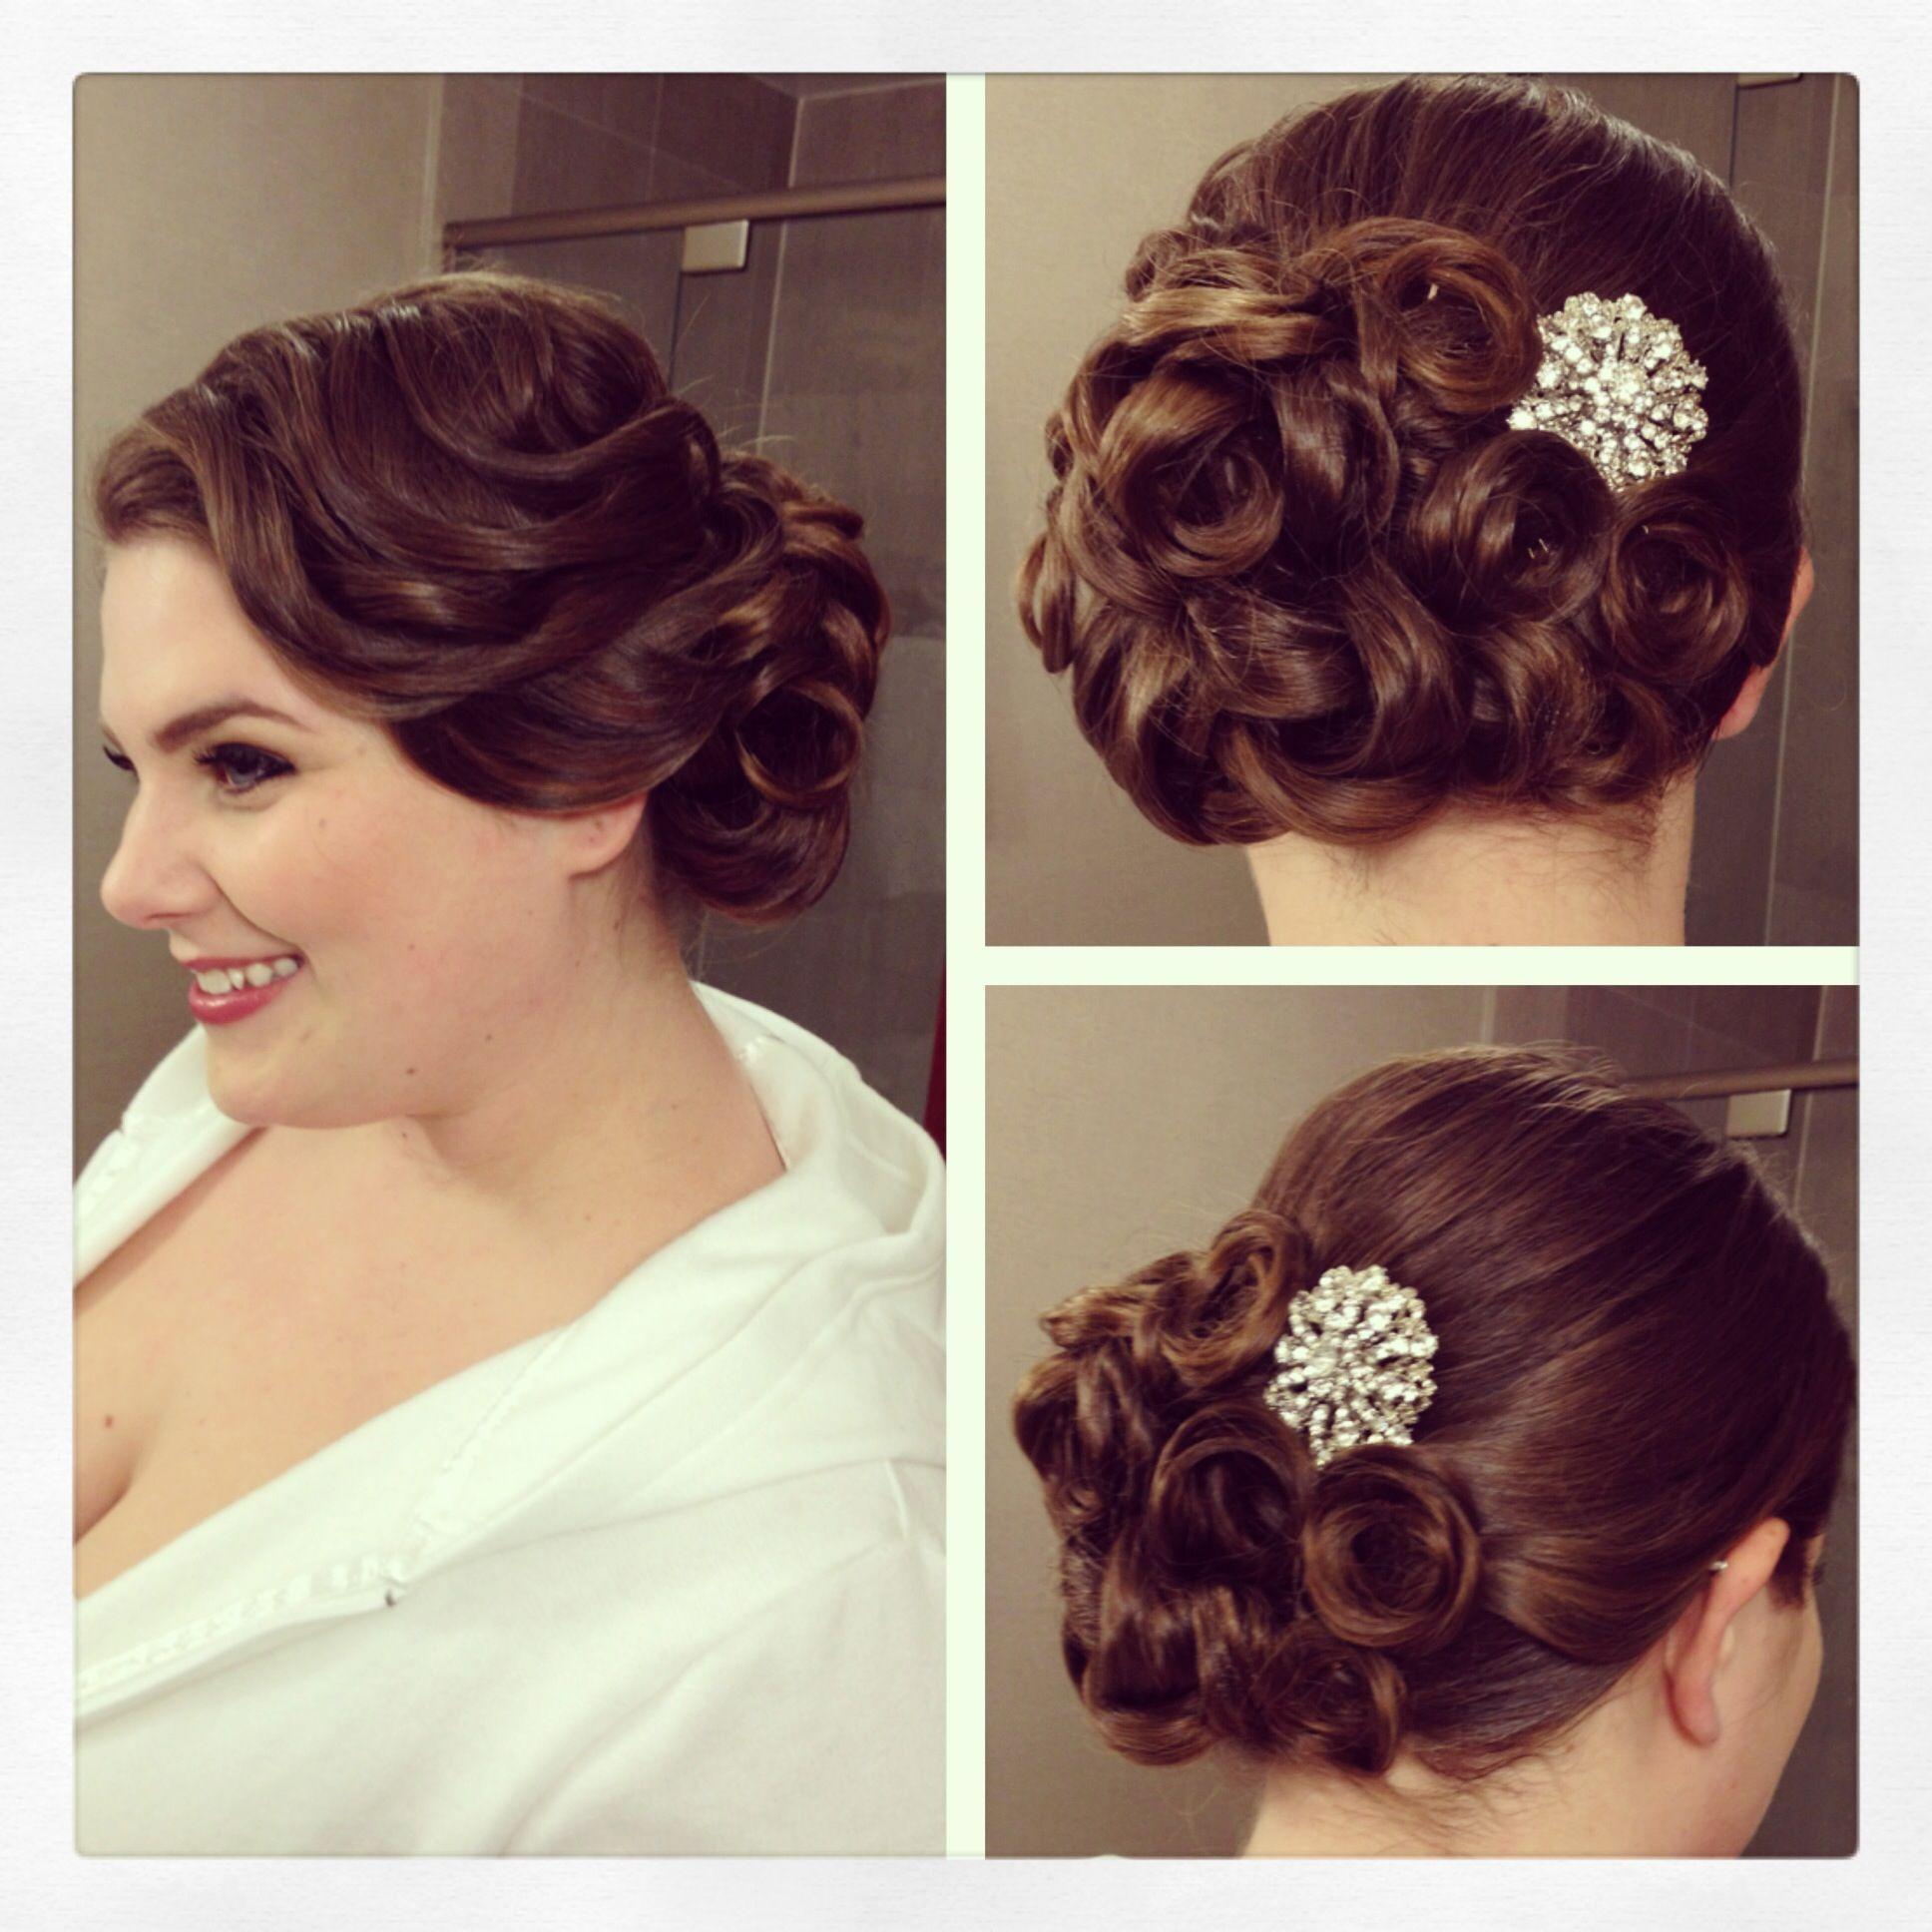 vintage side updo, vintage hairstyle, pin curls, bridal hair